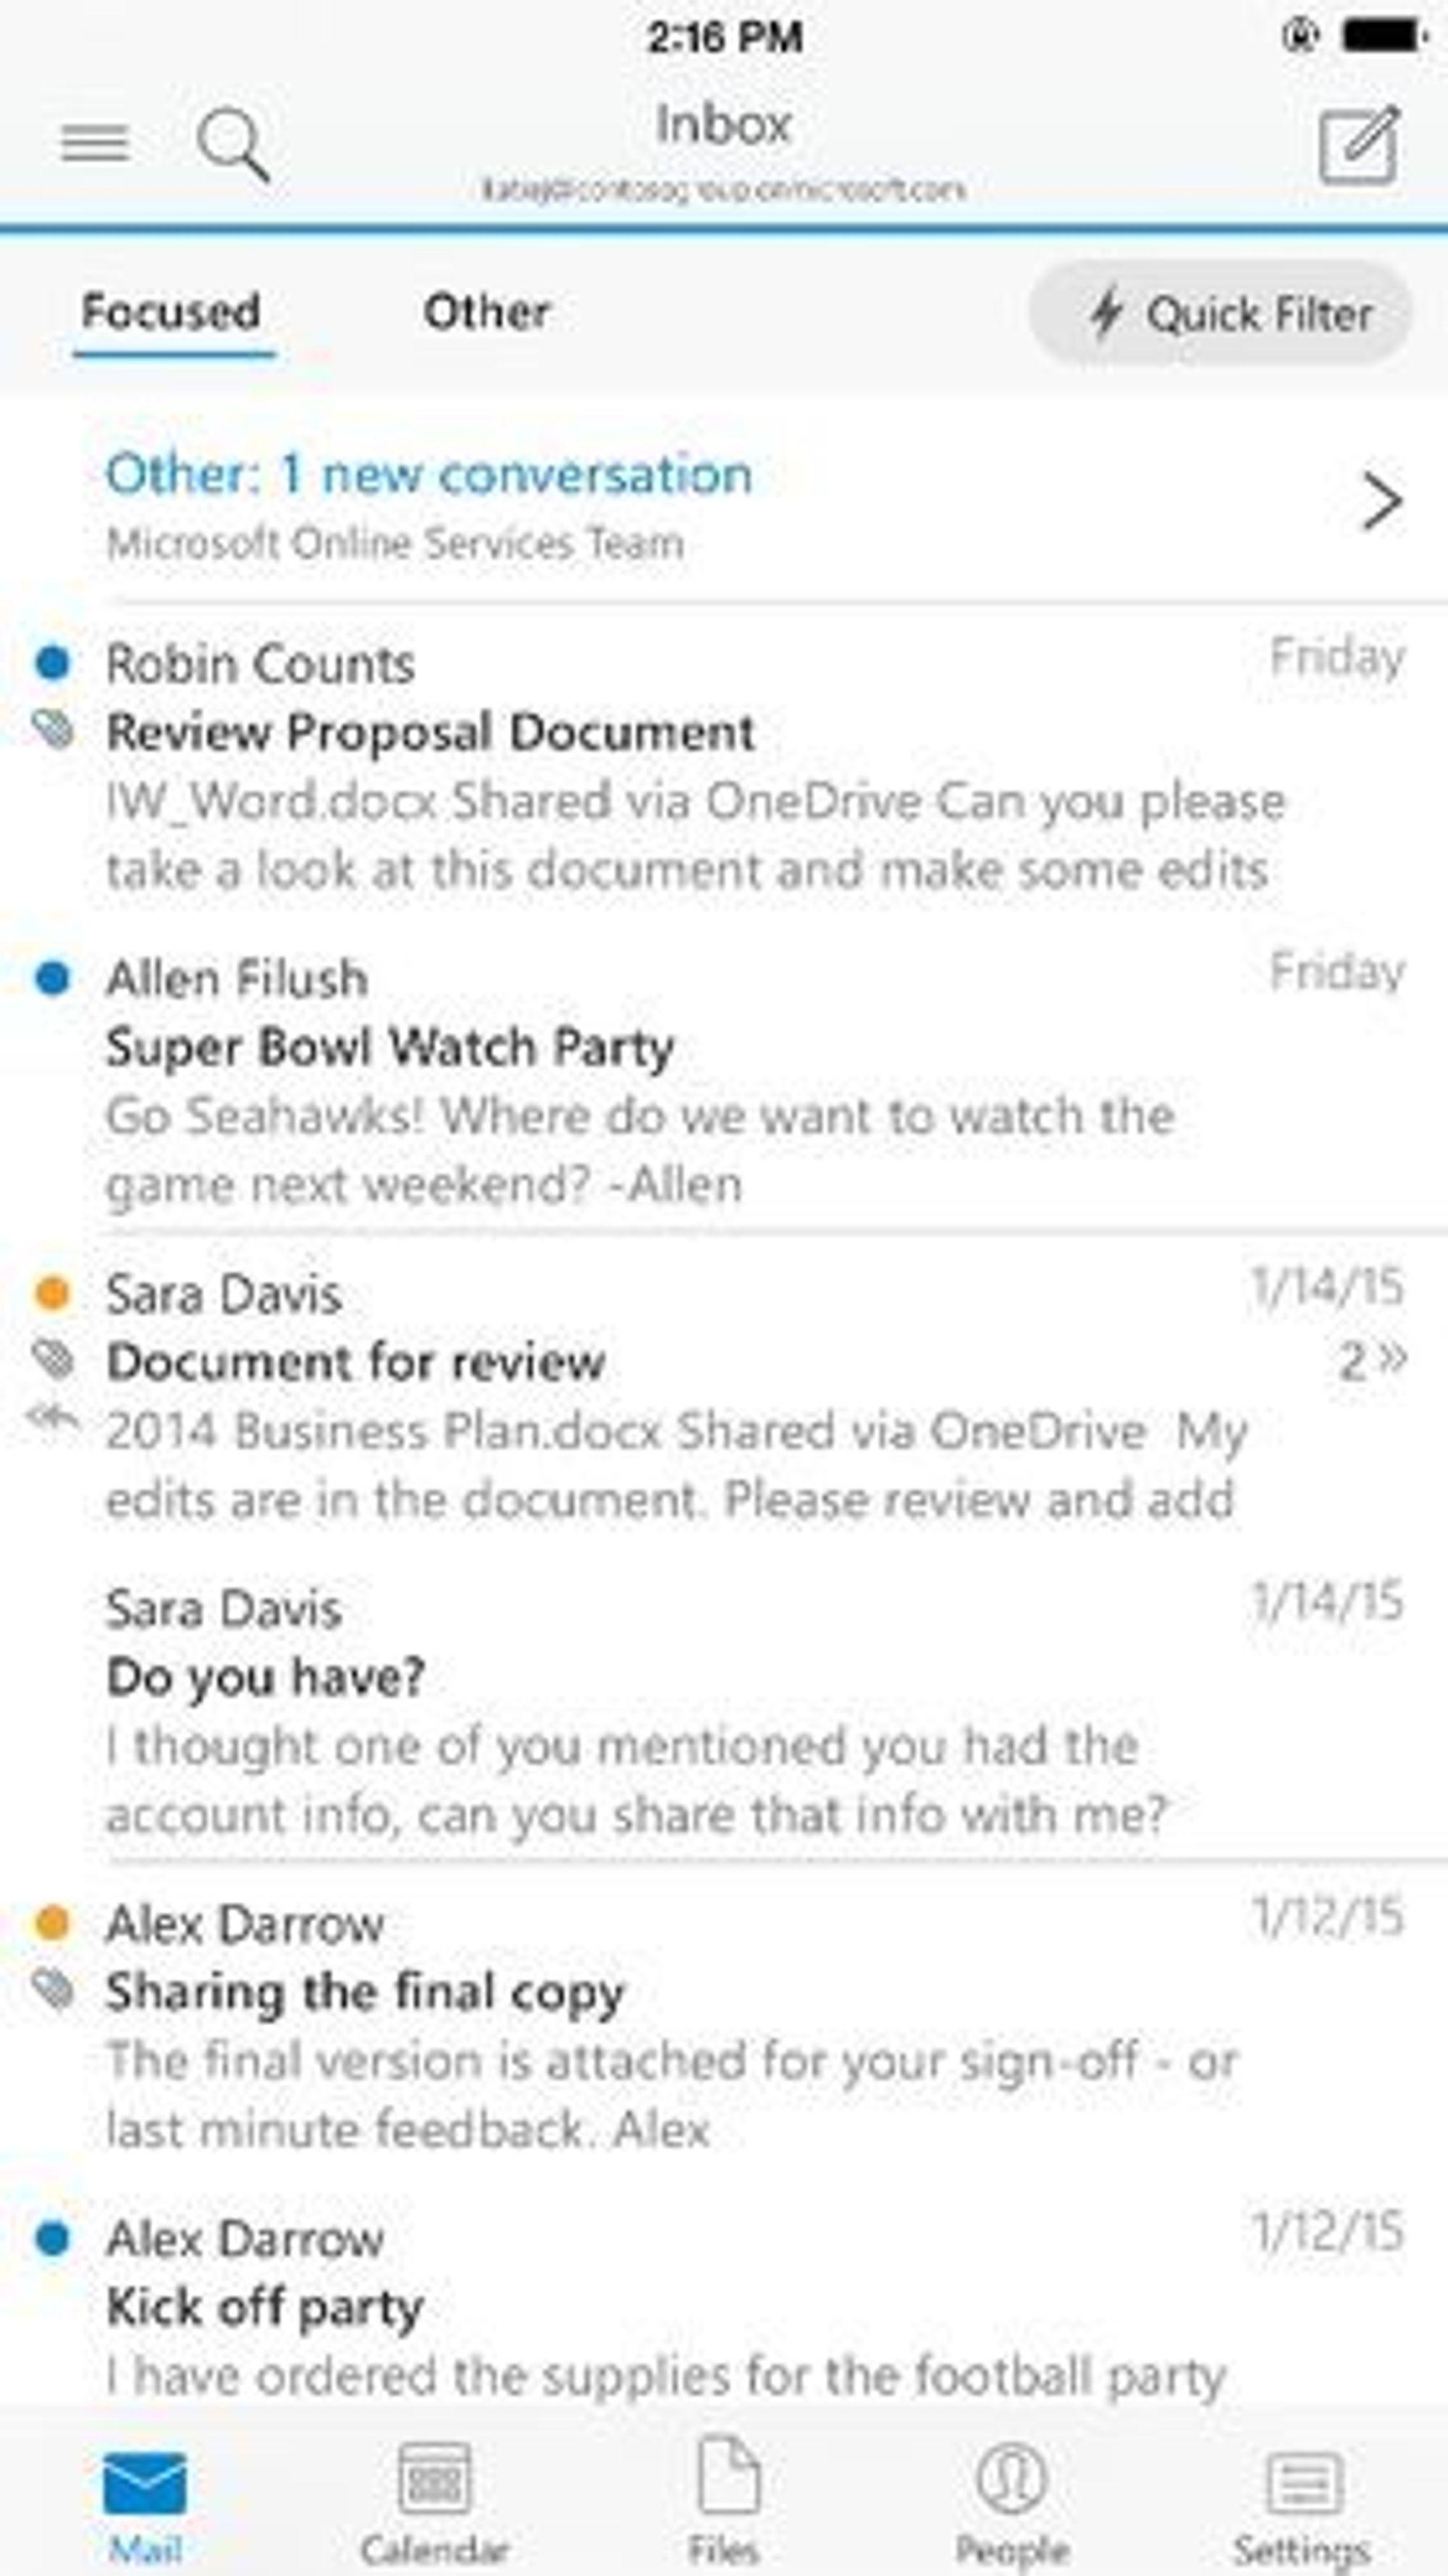 Innboken i Outlook for Android og iOS er delt i to ulike faner, hvor de viktigste meldingene kan skilles ut fra de mindre viktige.